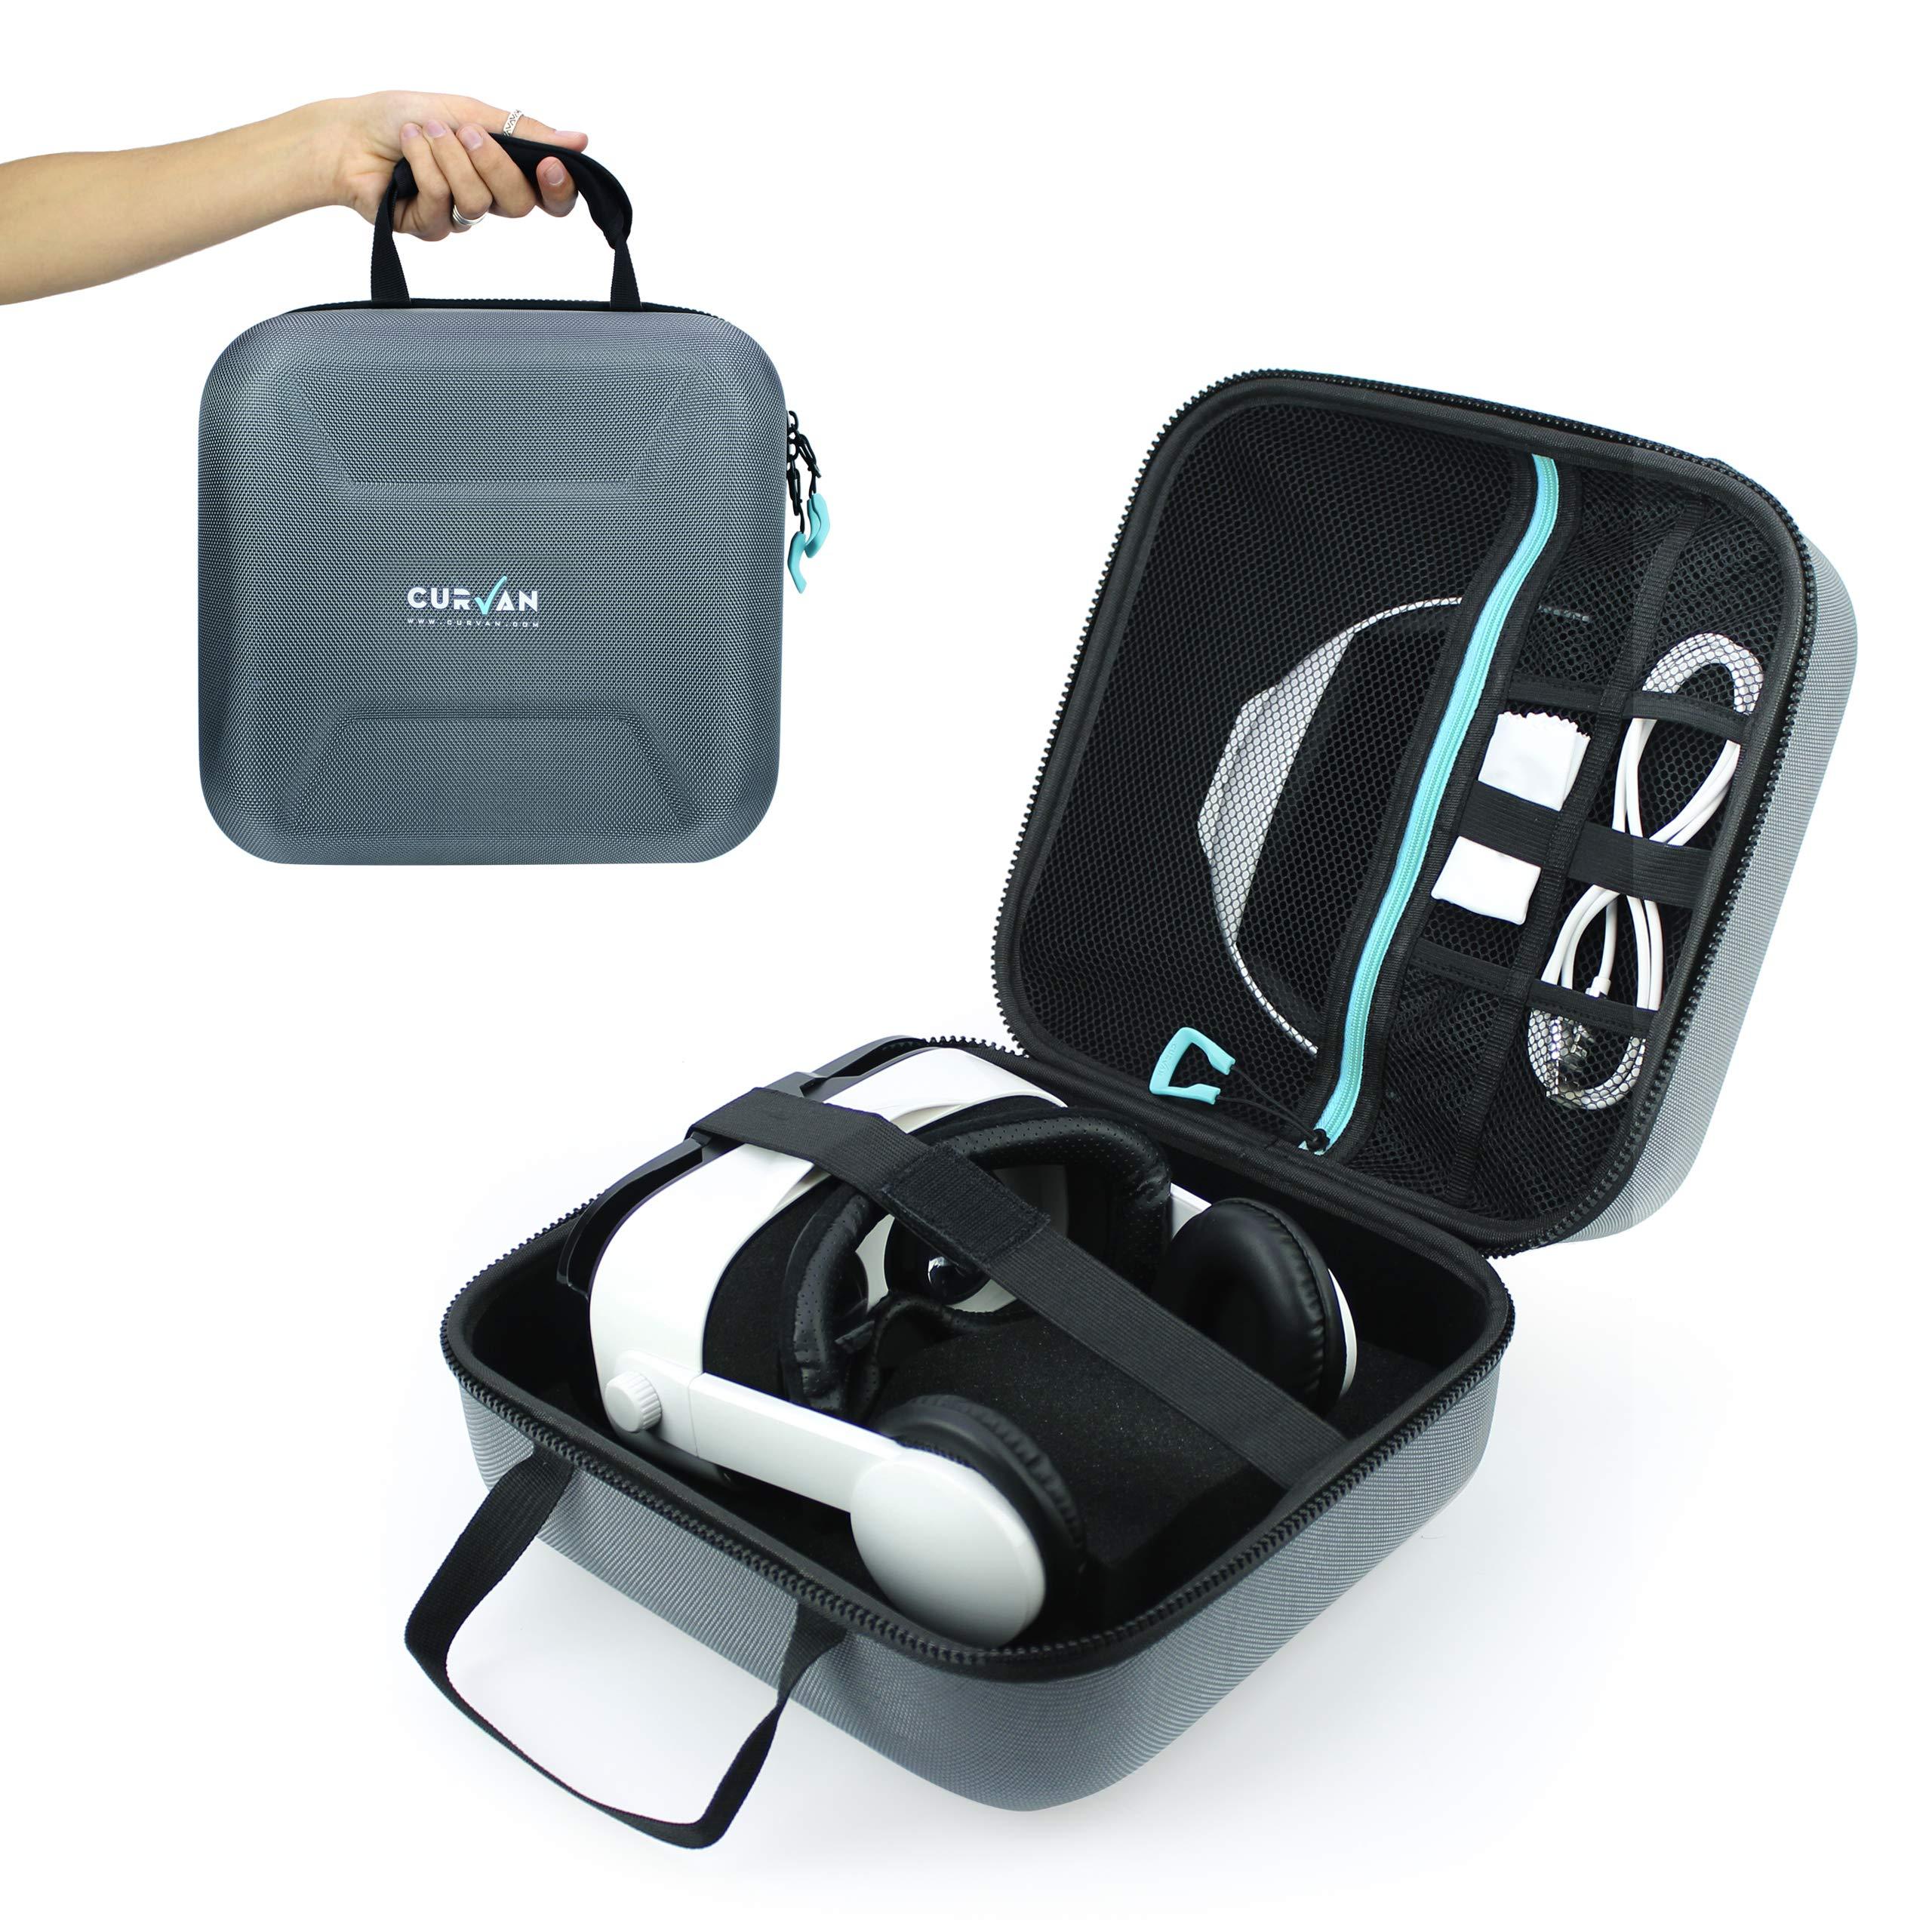 CURVAN VR – Sac de Rangement de Qualité Supérieure pour Lunettes VR et Accessoires de Réalité Virtuelle 3D | EVA Case Coussin | Protection et Confort Maximum | Résistant, Confortable et Léger 500g